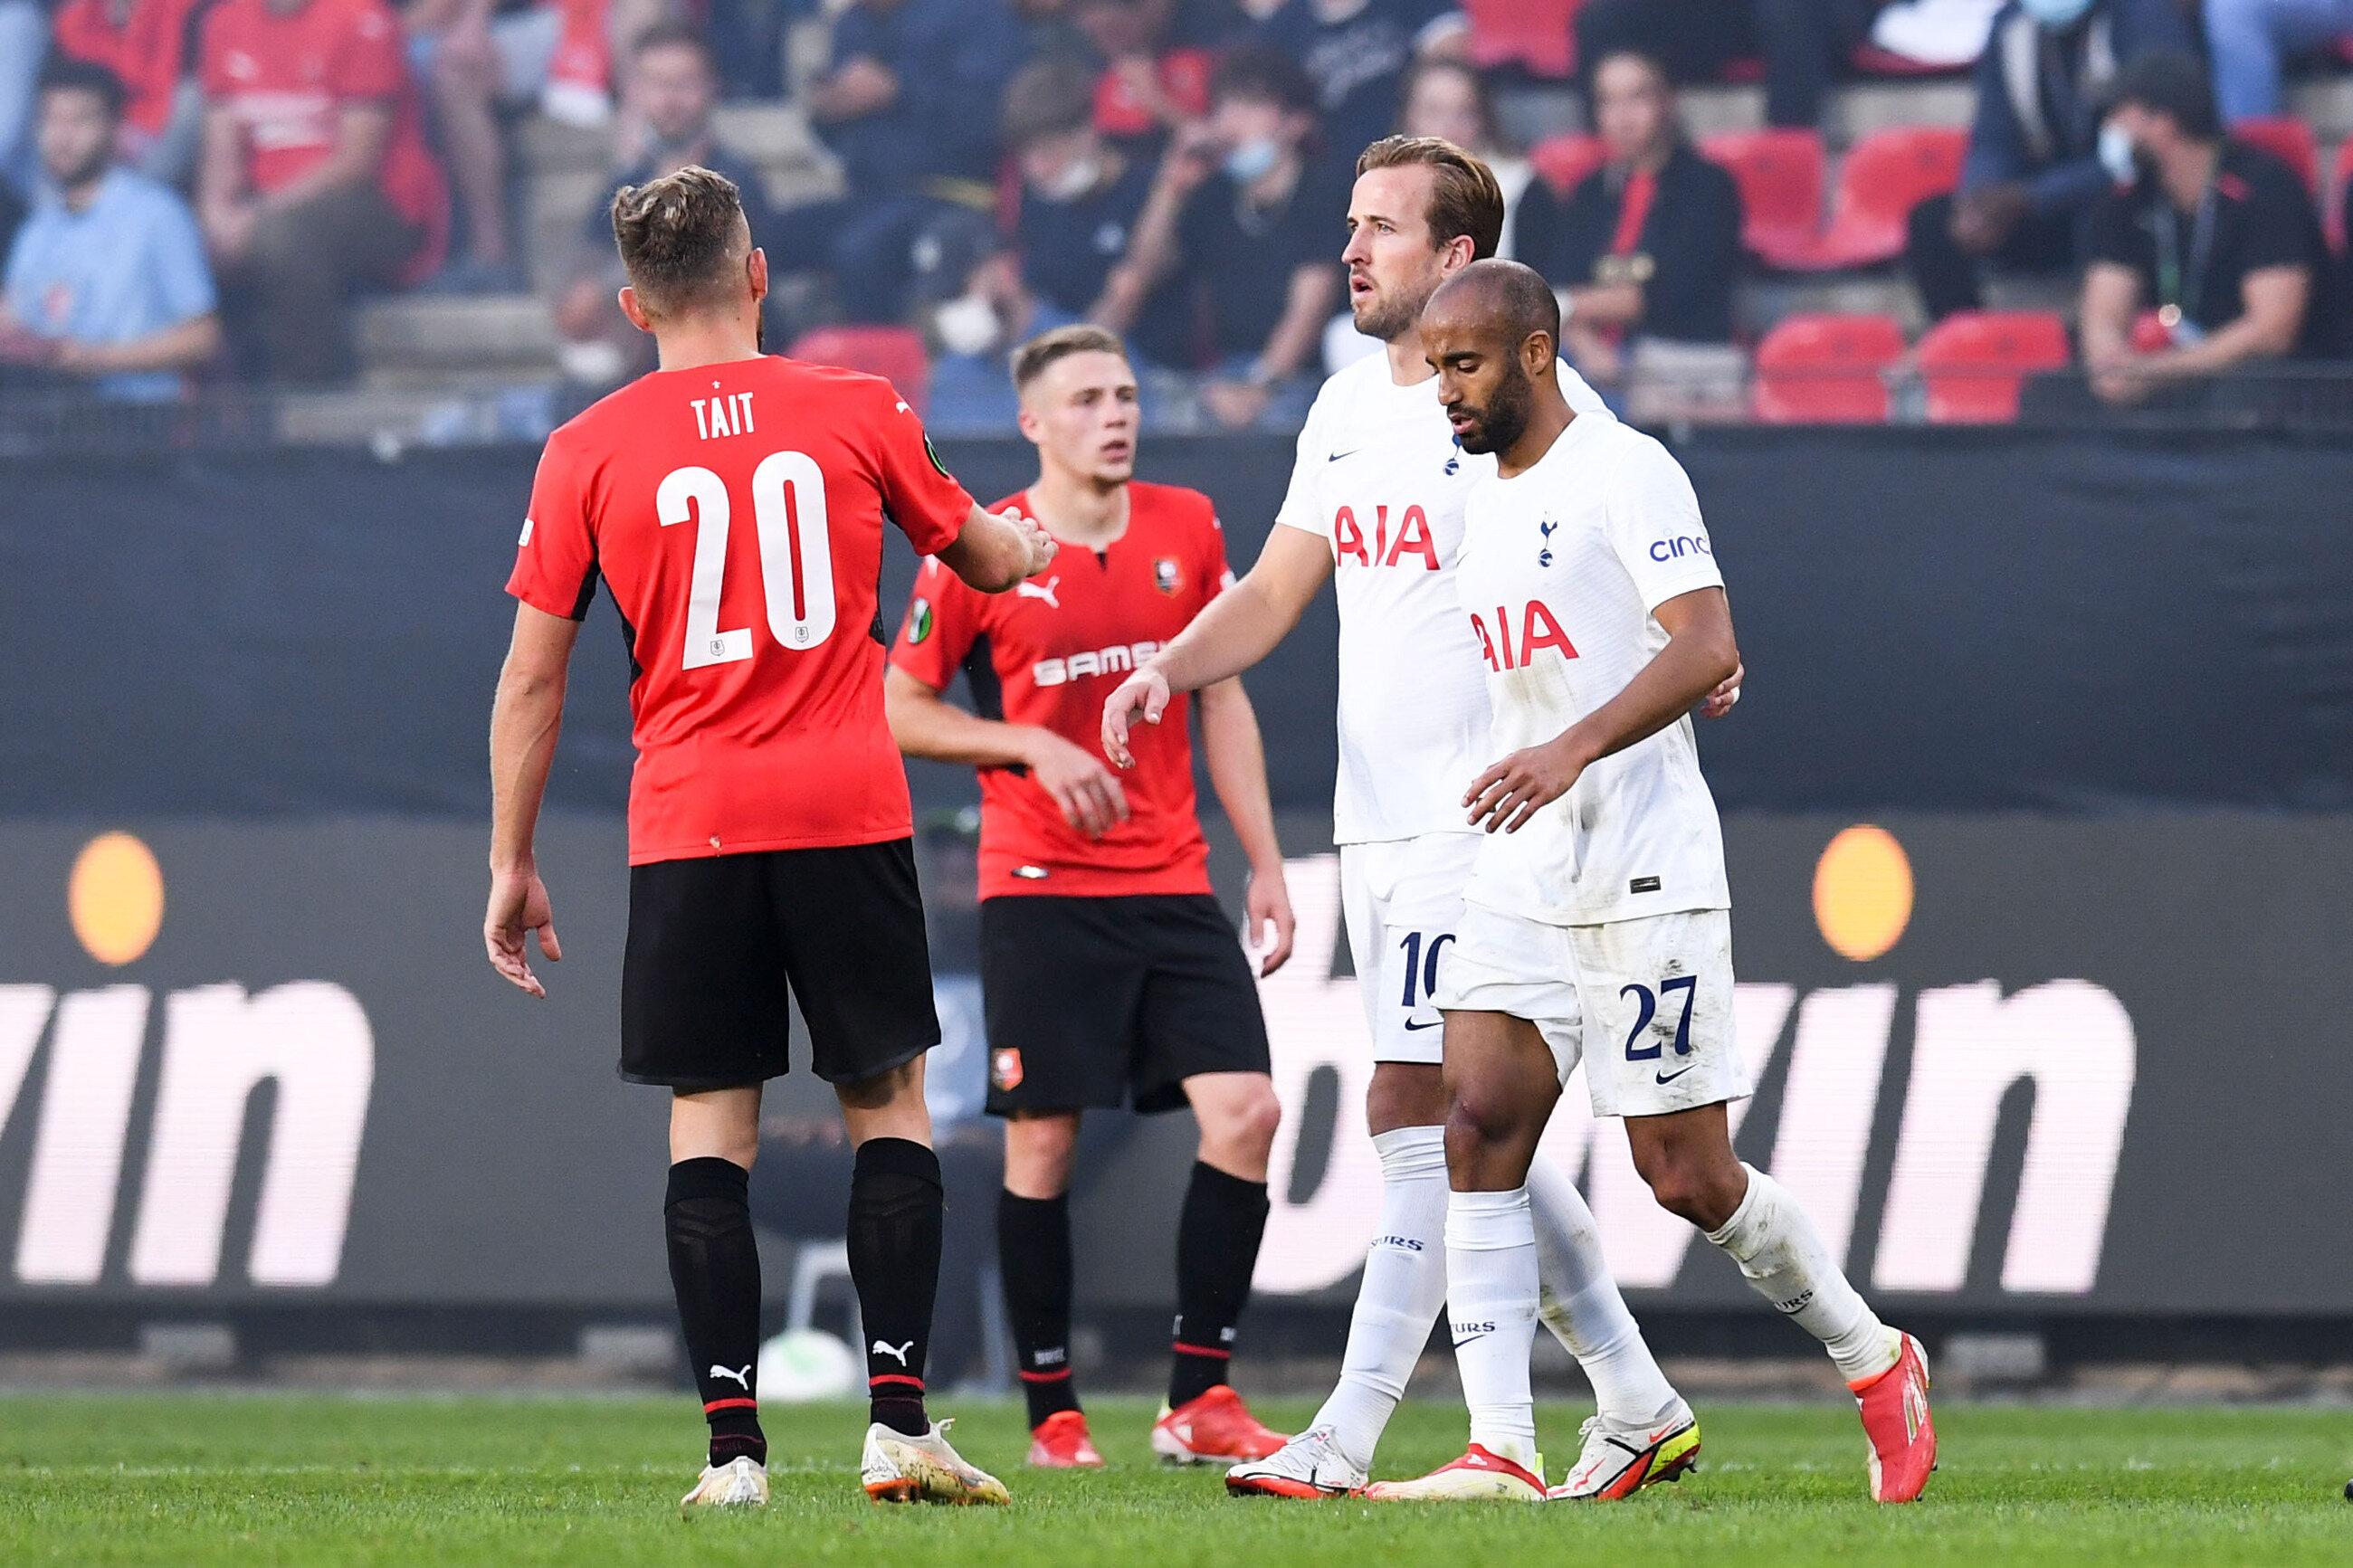 Liga Konferencji. Rennes – Tottenham. Wynik meczu grupowego